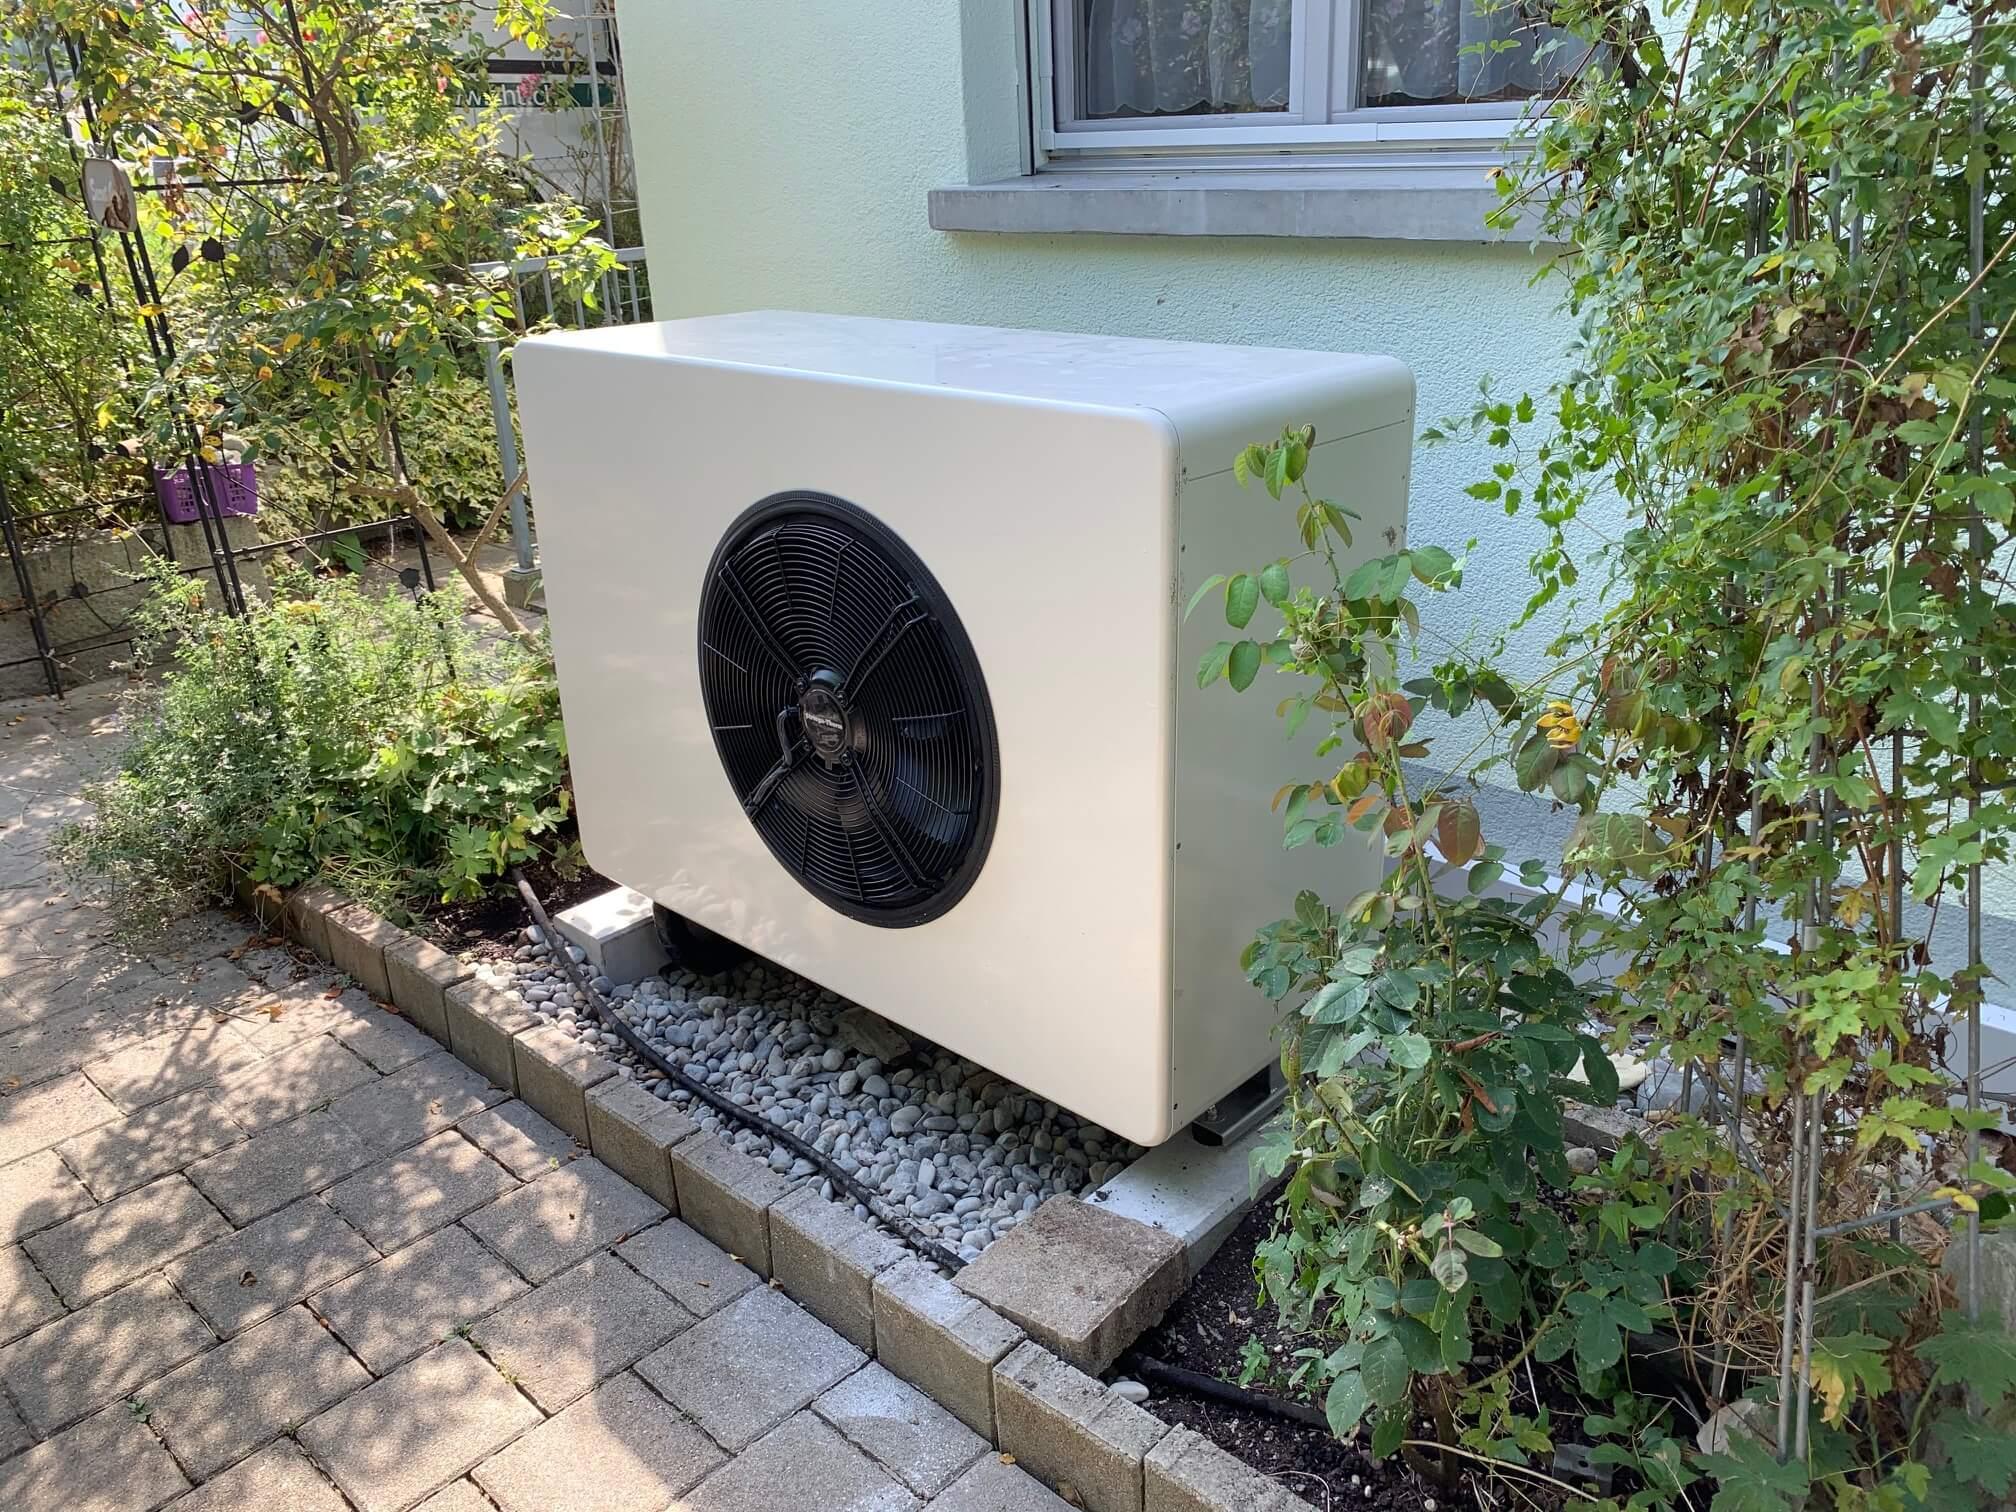 Wärmepumpe Striega-Therm in Garten aufgestellt